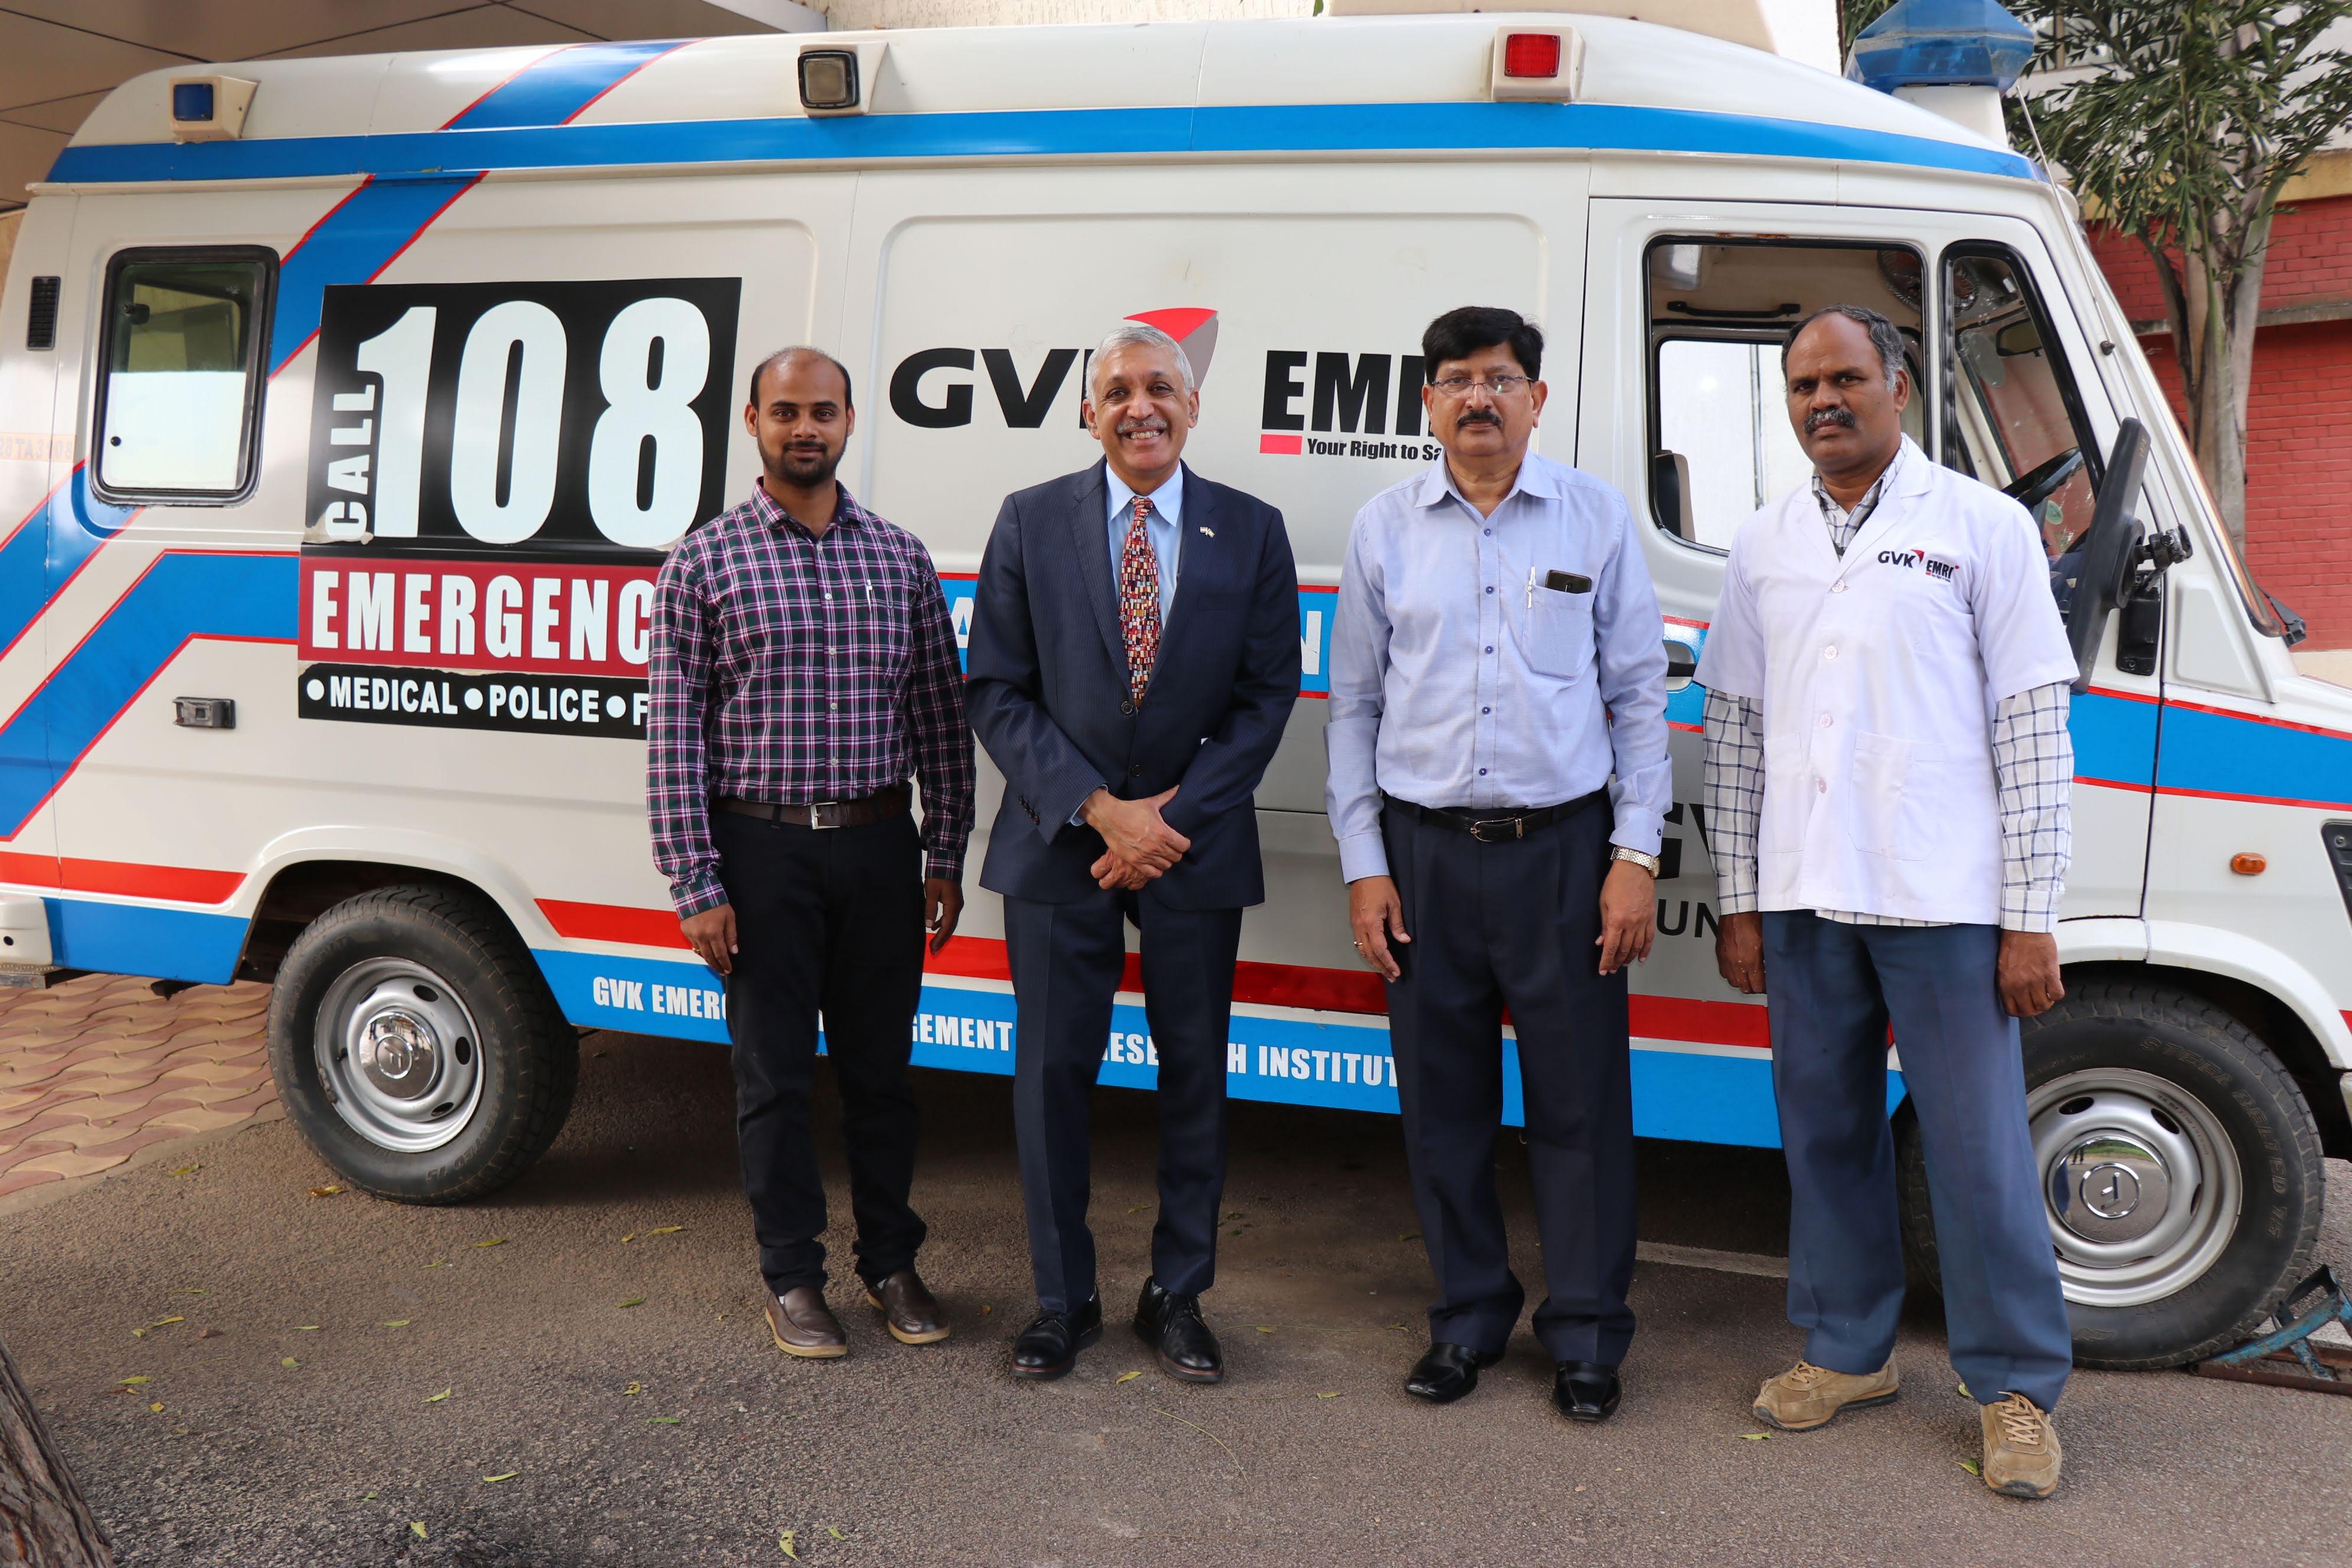 U-M Medical School researcher Krishnan Raghvendran with Ramana Rao, medical director of GVK-EMRI. Image credit: Krishnan Raghvendran